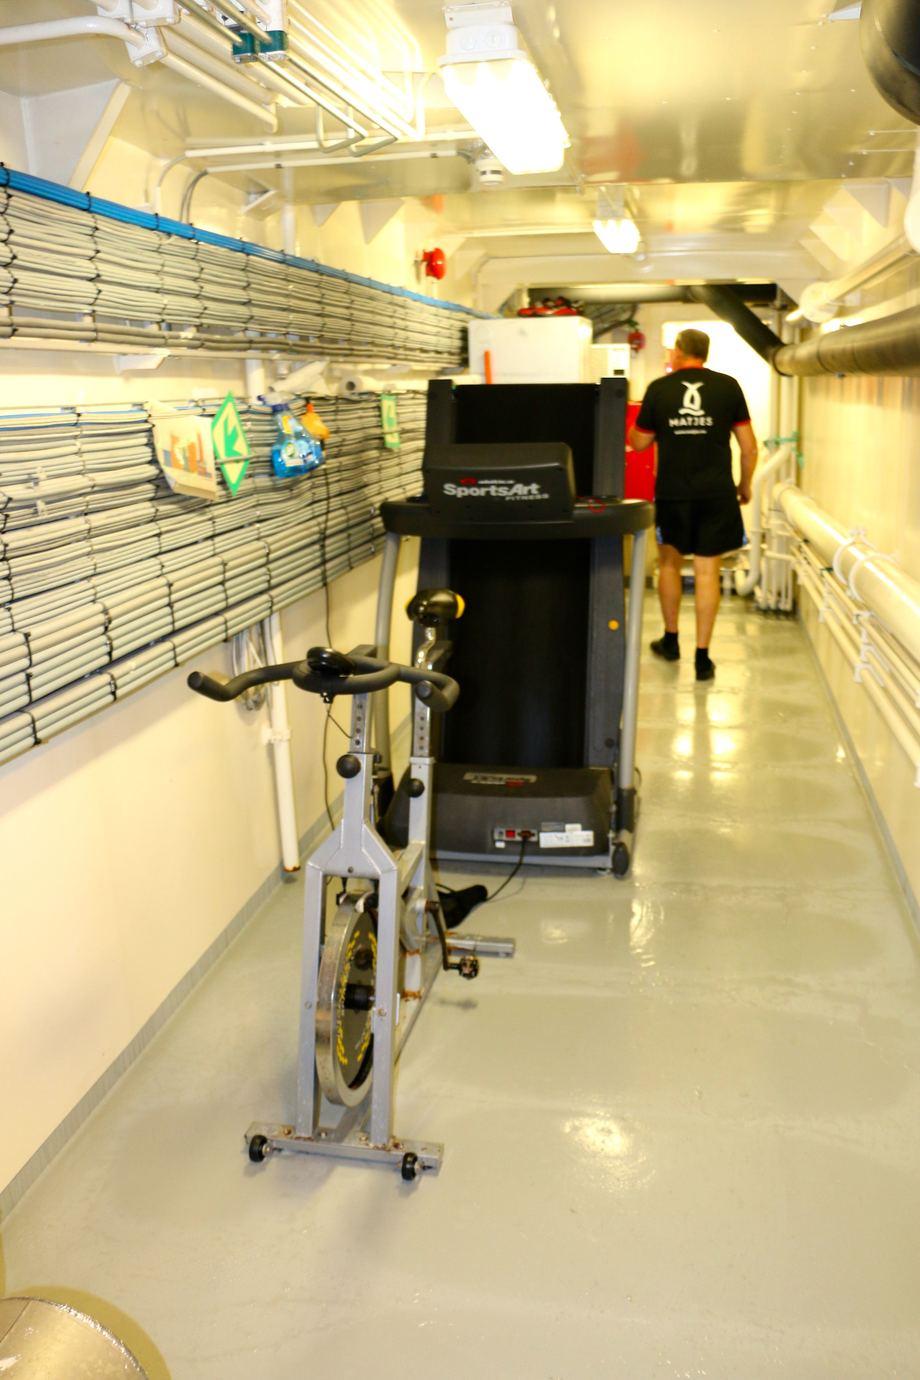 <p>Mannskapet har ordnet seg et aldri s&aring; lite trimrom utenfor maskinrommet. Foto: Andrea B&aelig;rland</p>